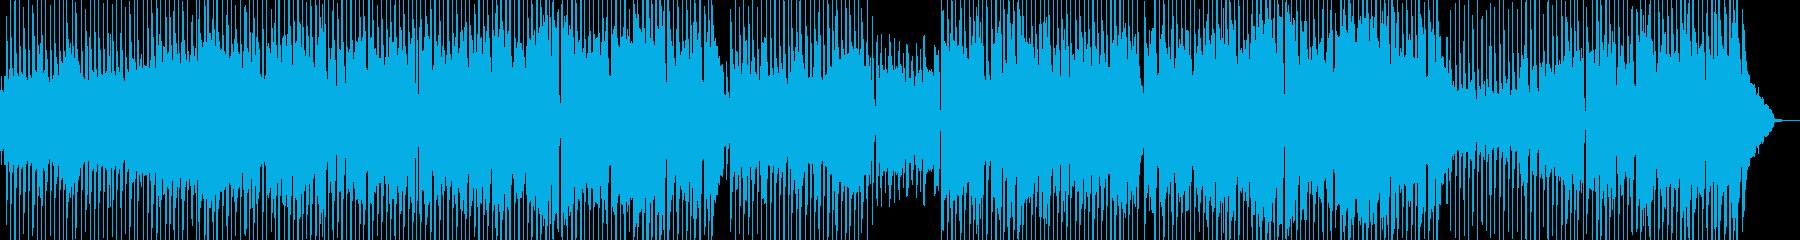 日常的・ほのぼの打楽器ポップス 長尺の再生済みの波形